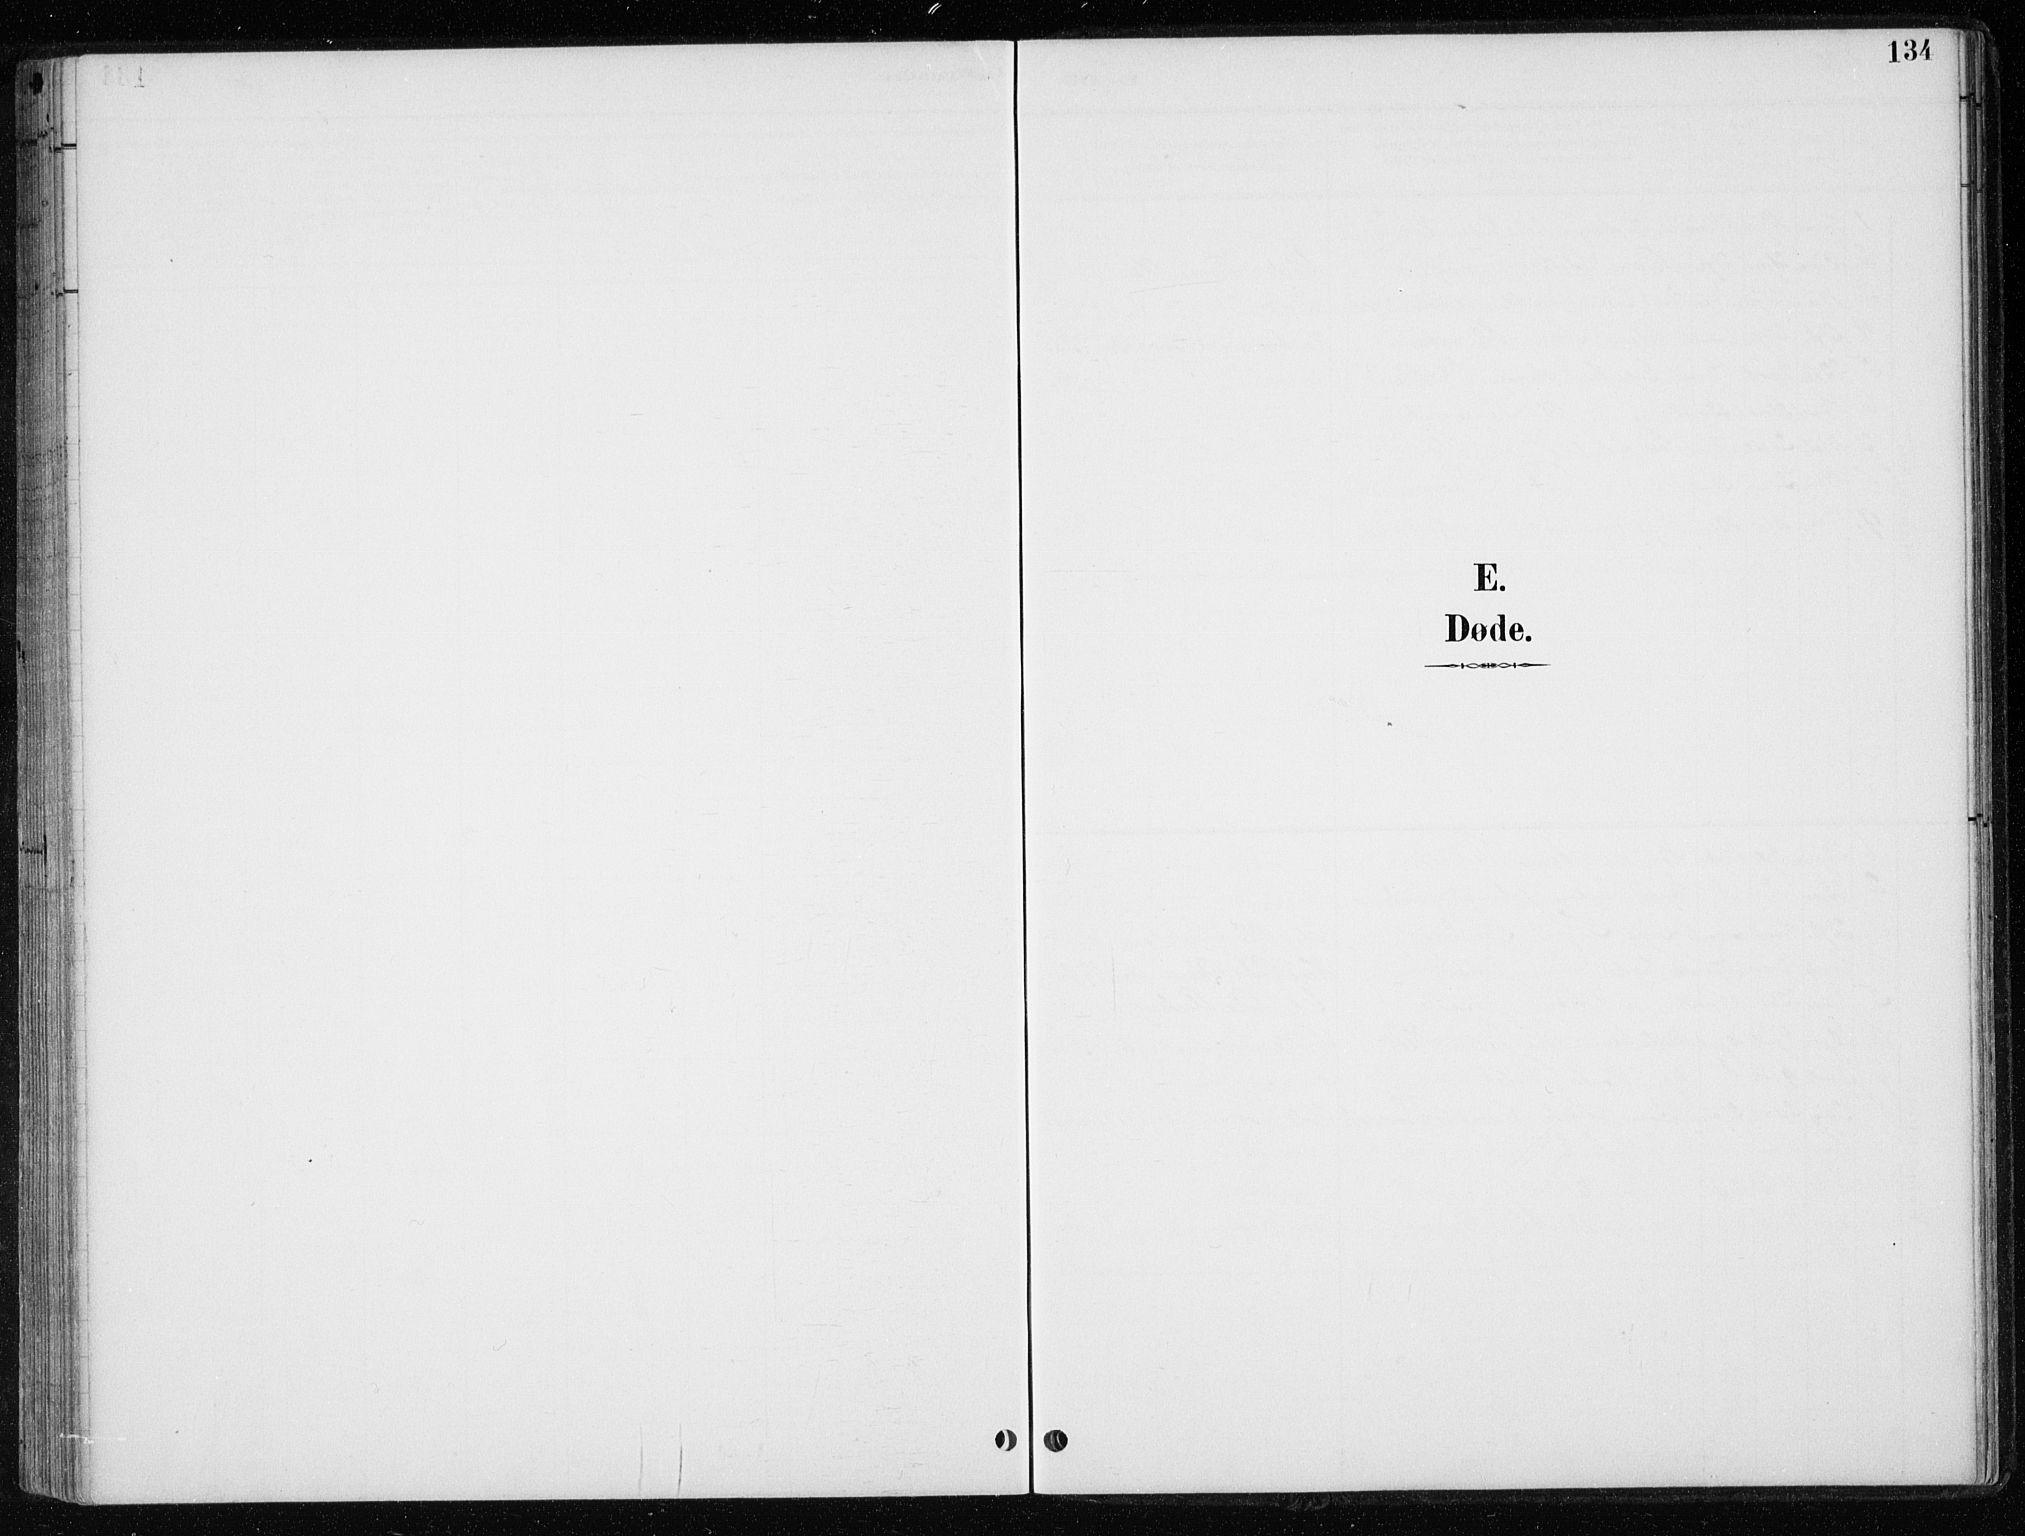 SAT, Ministerialprotokoller, klokkerbøker og fødselsregistre - Nord-Trøndelag, 710/L0096: Klokkerbok nr. 710C01, 1892-1925, s. 134